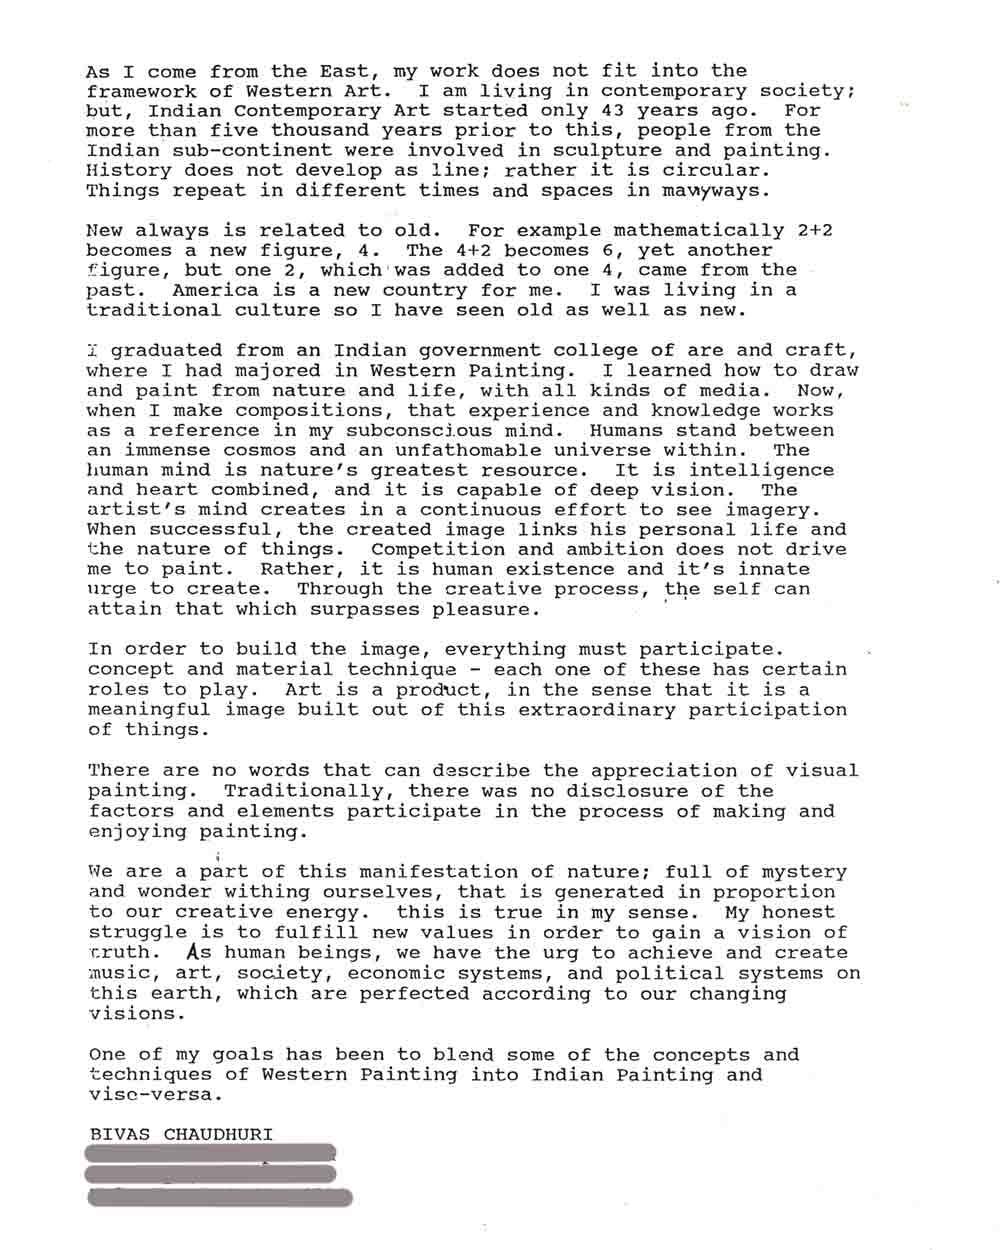 Bivas Chauduri's Artist Statement, pg 1